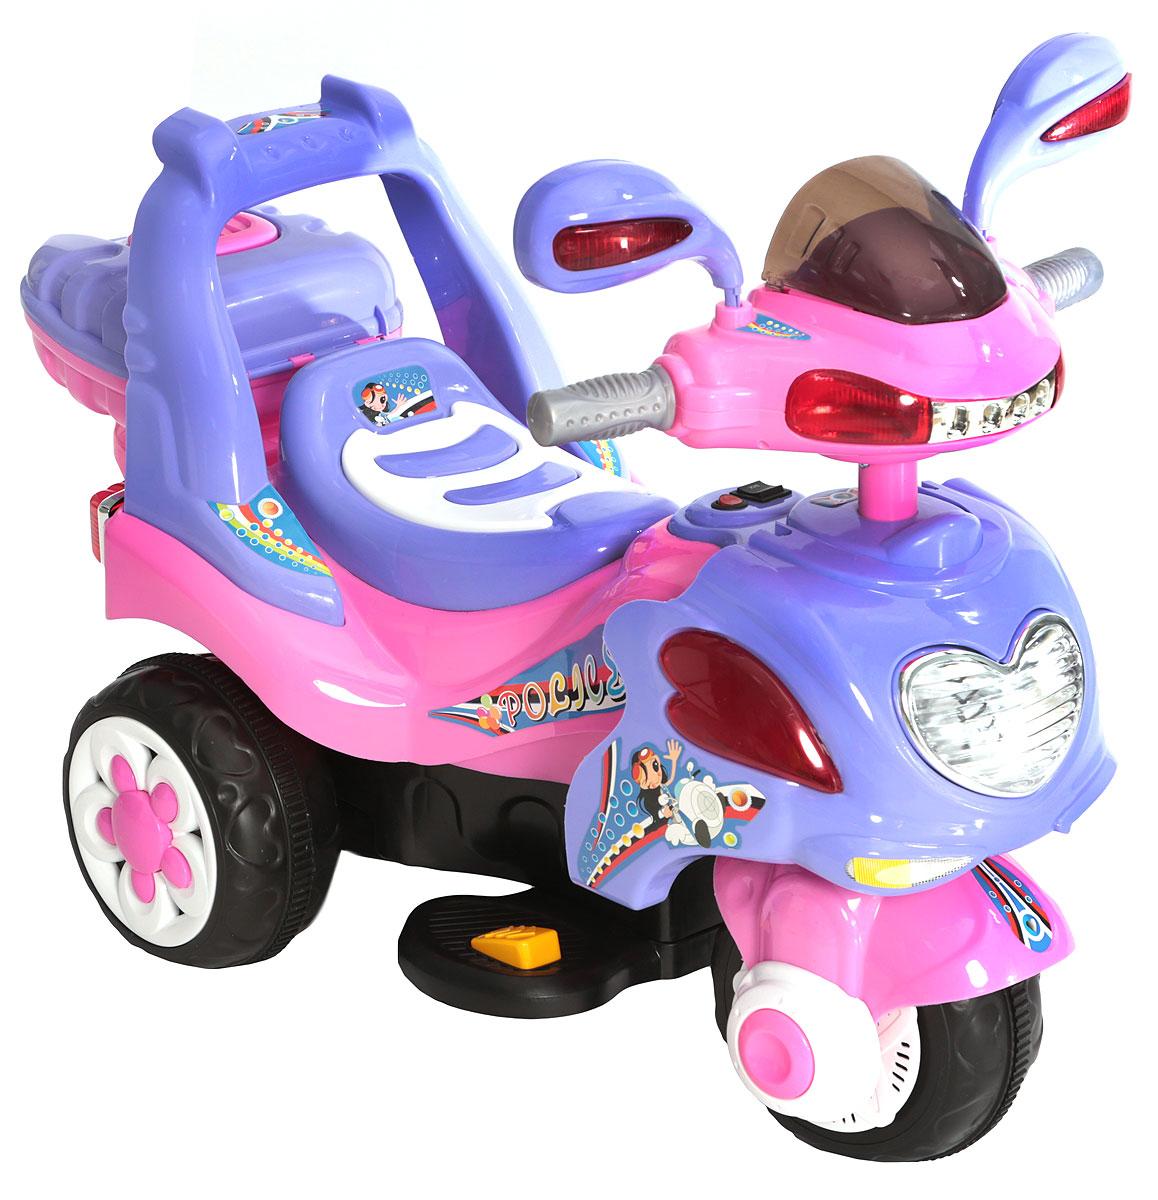 """Дети очень любят кататься на собственном транспорте. Стильный детский мотоцикл """"G120"""" понравится всем девочкам. Мотоцикл работает с помощью встроенного аккумулятора.Управляемый транспорт - это самая желанная игрушка для многих детей. Мотоцикл имеет максимально реалистичный вид, выполнен в ярких, привлекательных цветах, что делает его еще более интересным.Электромобиль рассчитан на детей в возрасте от трех до восьми лет (максимально допустимая нагрузка составляет 30 кг). Мощности будет вполне достаточно, чтобы почувствовать себя начинающим байкером, а одного заряда аккумулятора хватит не на один час прогулки.Игрушка движется вперед и назад, имеются световые и звуковые эффекты.Особенную радость доставит родителям небольшой вес модели. Да и габариты настолько невелики, что мотоцикл можно хранить даже в квартире и перевозить в небольшом багажнике автомобиля.Зарядка аккумулятора осуществляется посредством зарядного устройства, которое входит в комплект. Время зарядки составляет 8-12 часов.Необходимо купить 2 батарейки напряжением 1,5V типа АА (не входят в комплект)."""